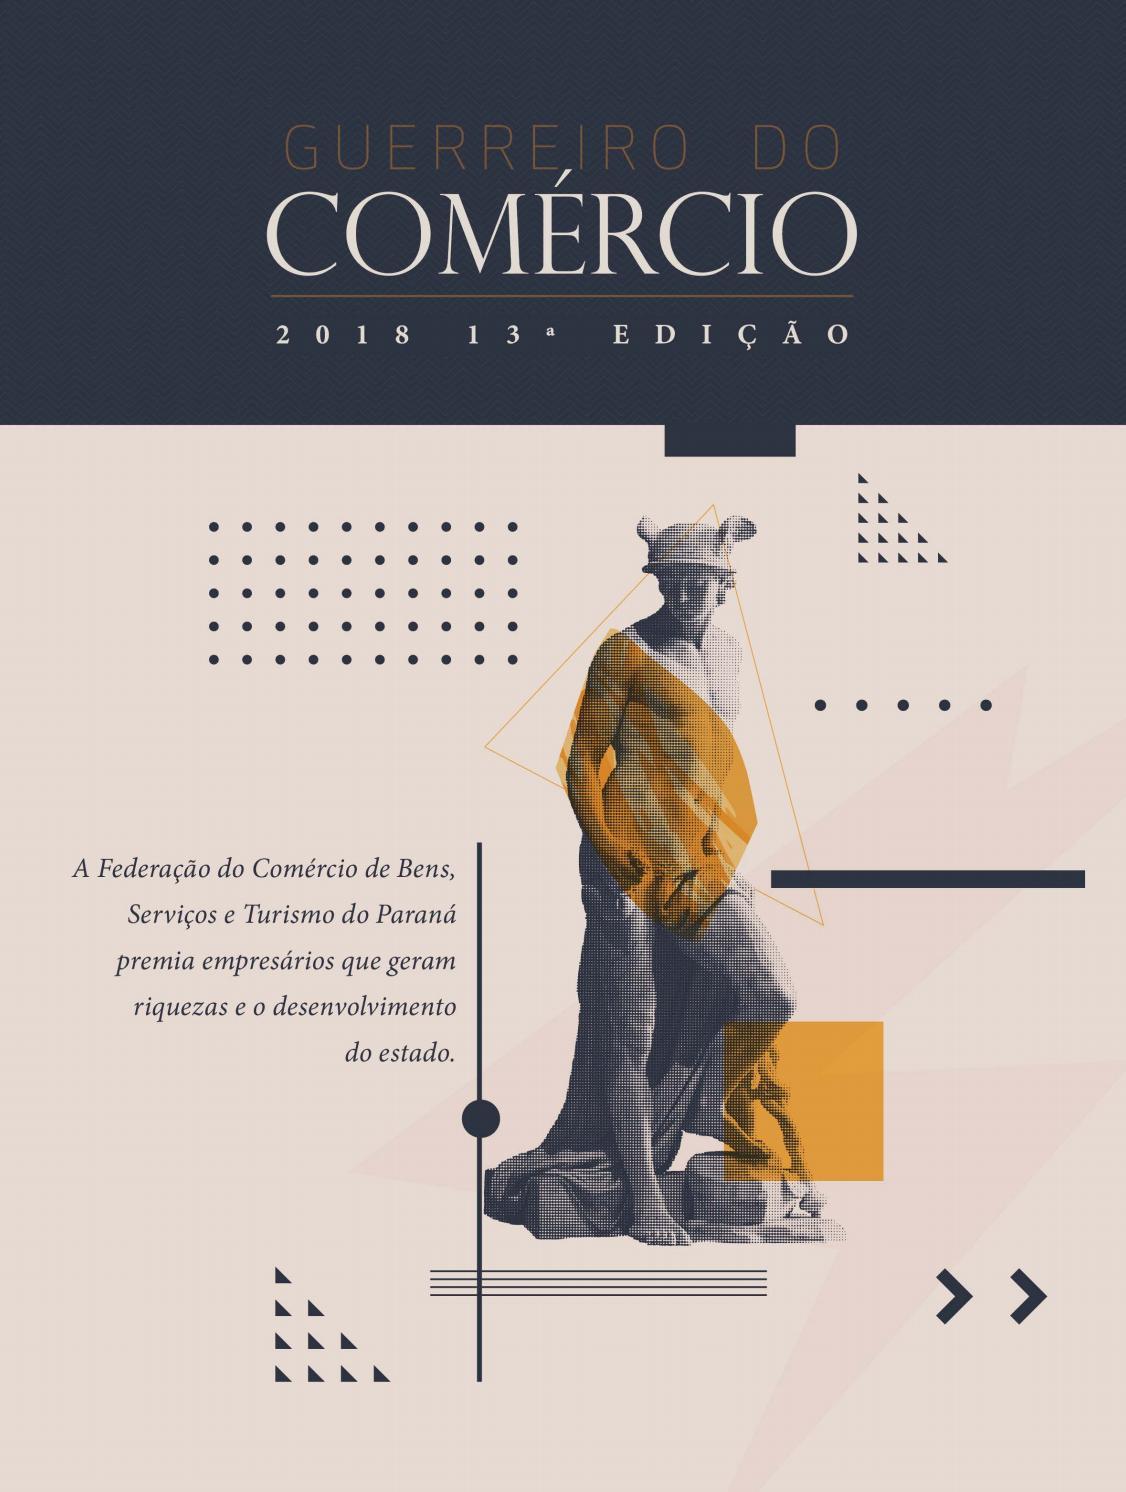 78d891525 Revista Guerreiro do Comércio 2018 by Federação do Comércio de Bens,  Serviços e Turismo do Paraná - issuu